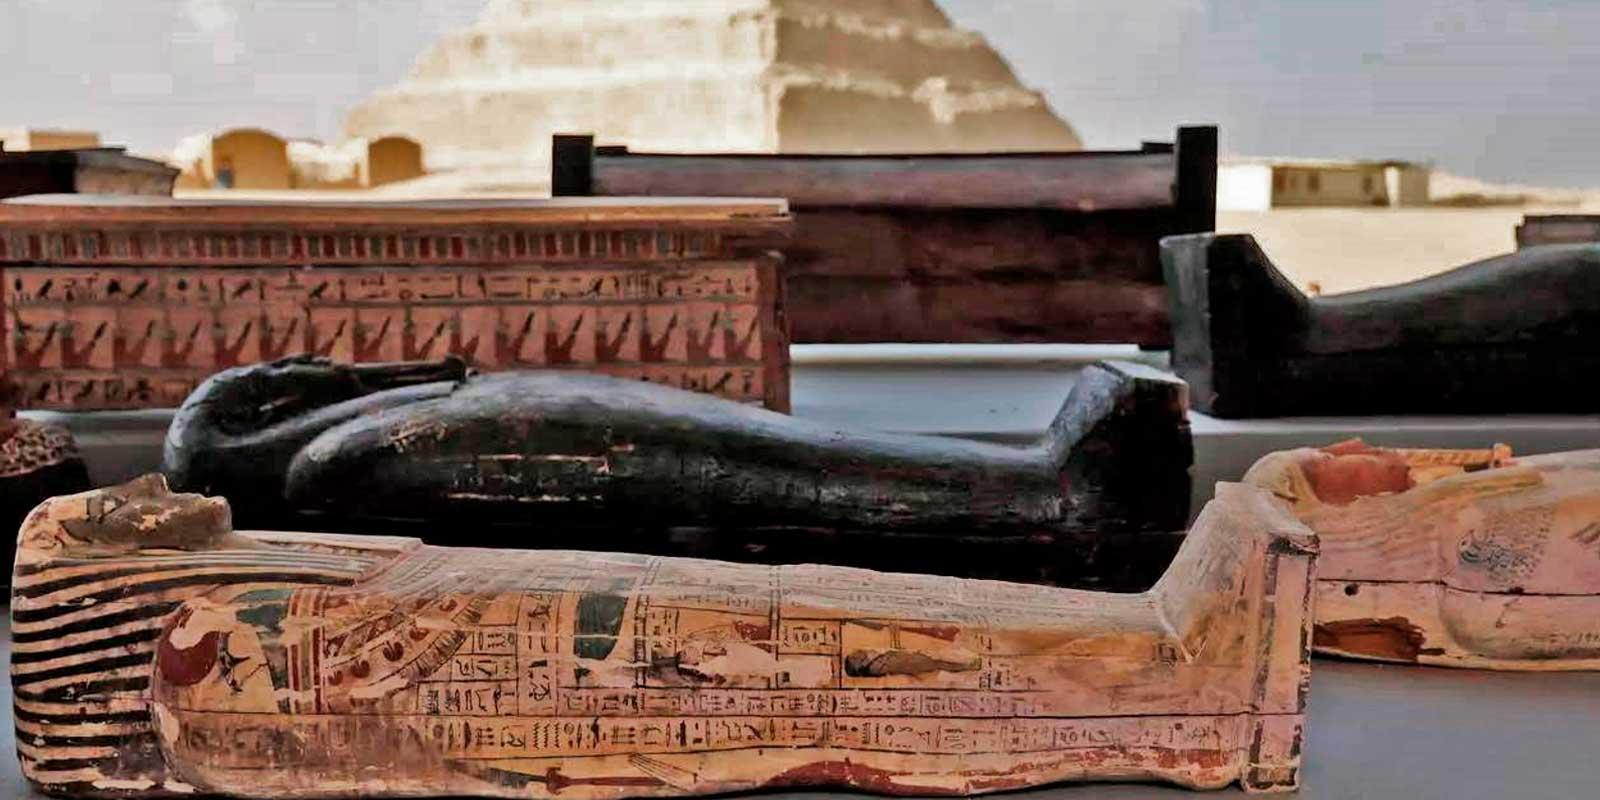 OCOA_TRAVEL_EGYPTO_2021_15